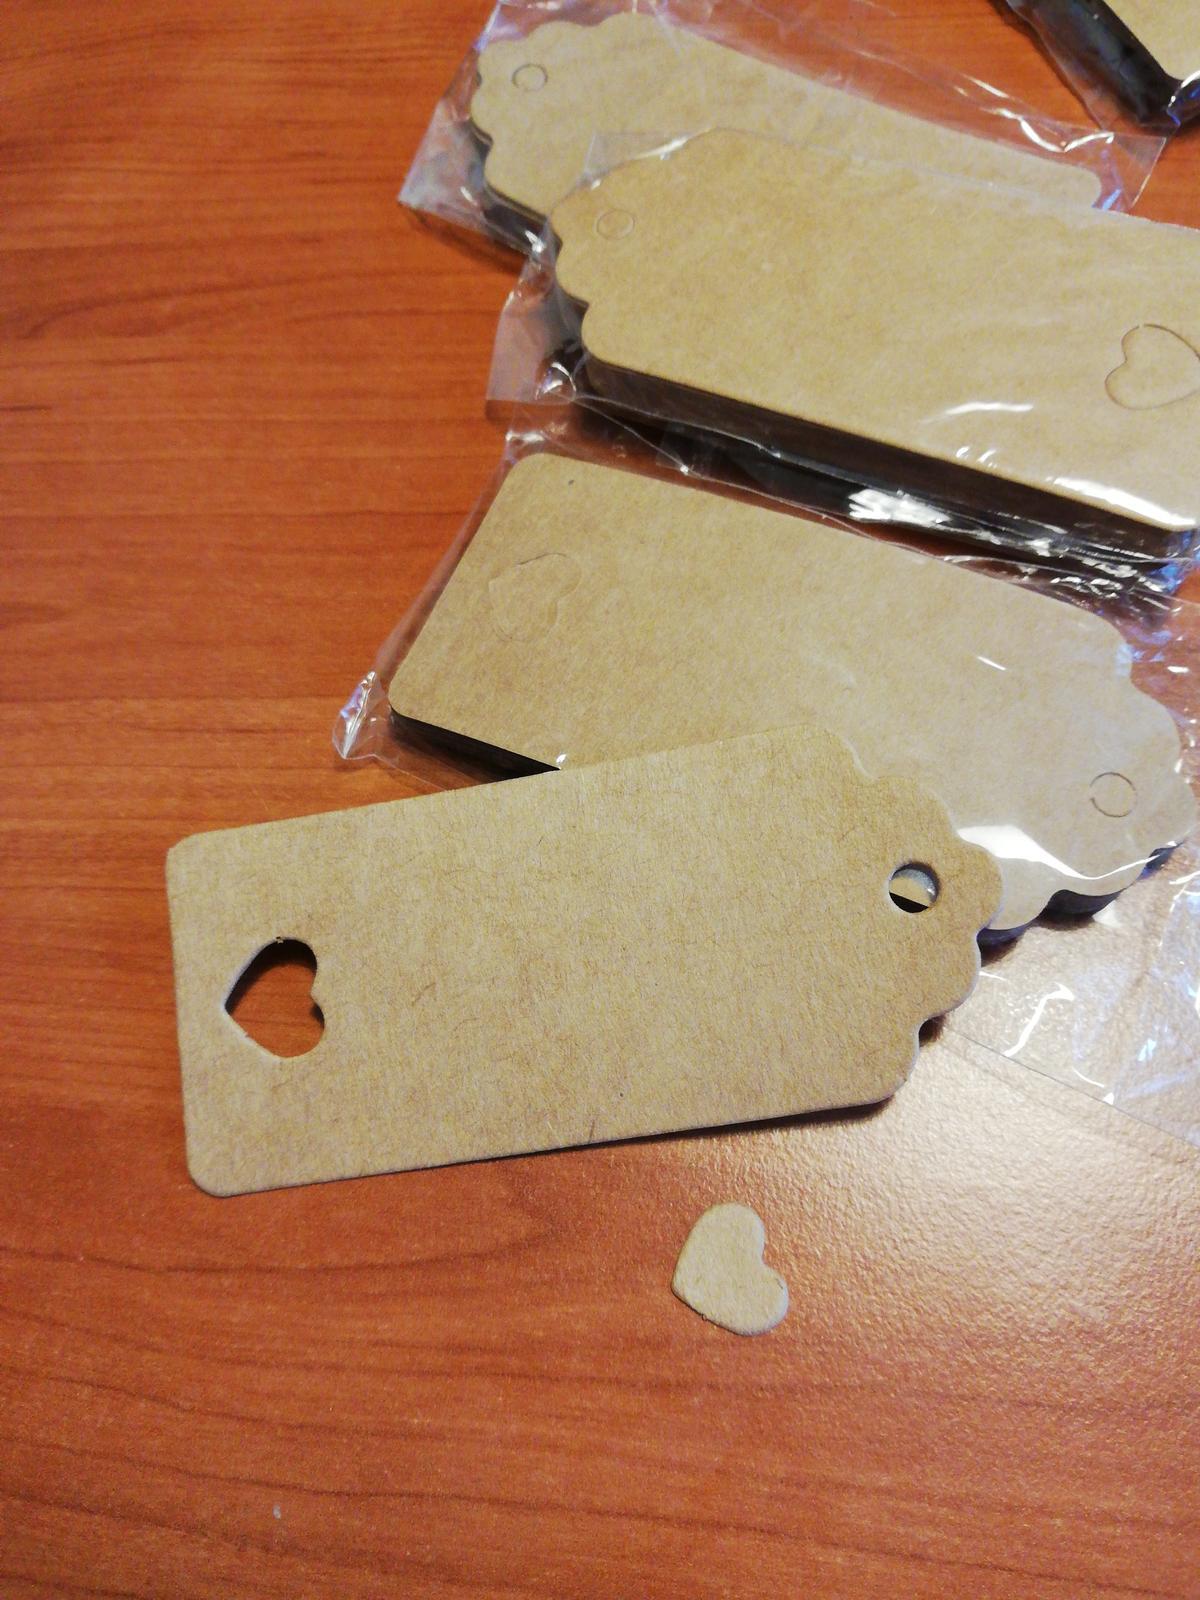 Papírové cedulky např na krabičky s cukrovim  - Obrázek č. 3